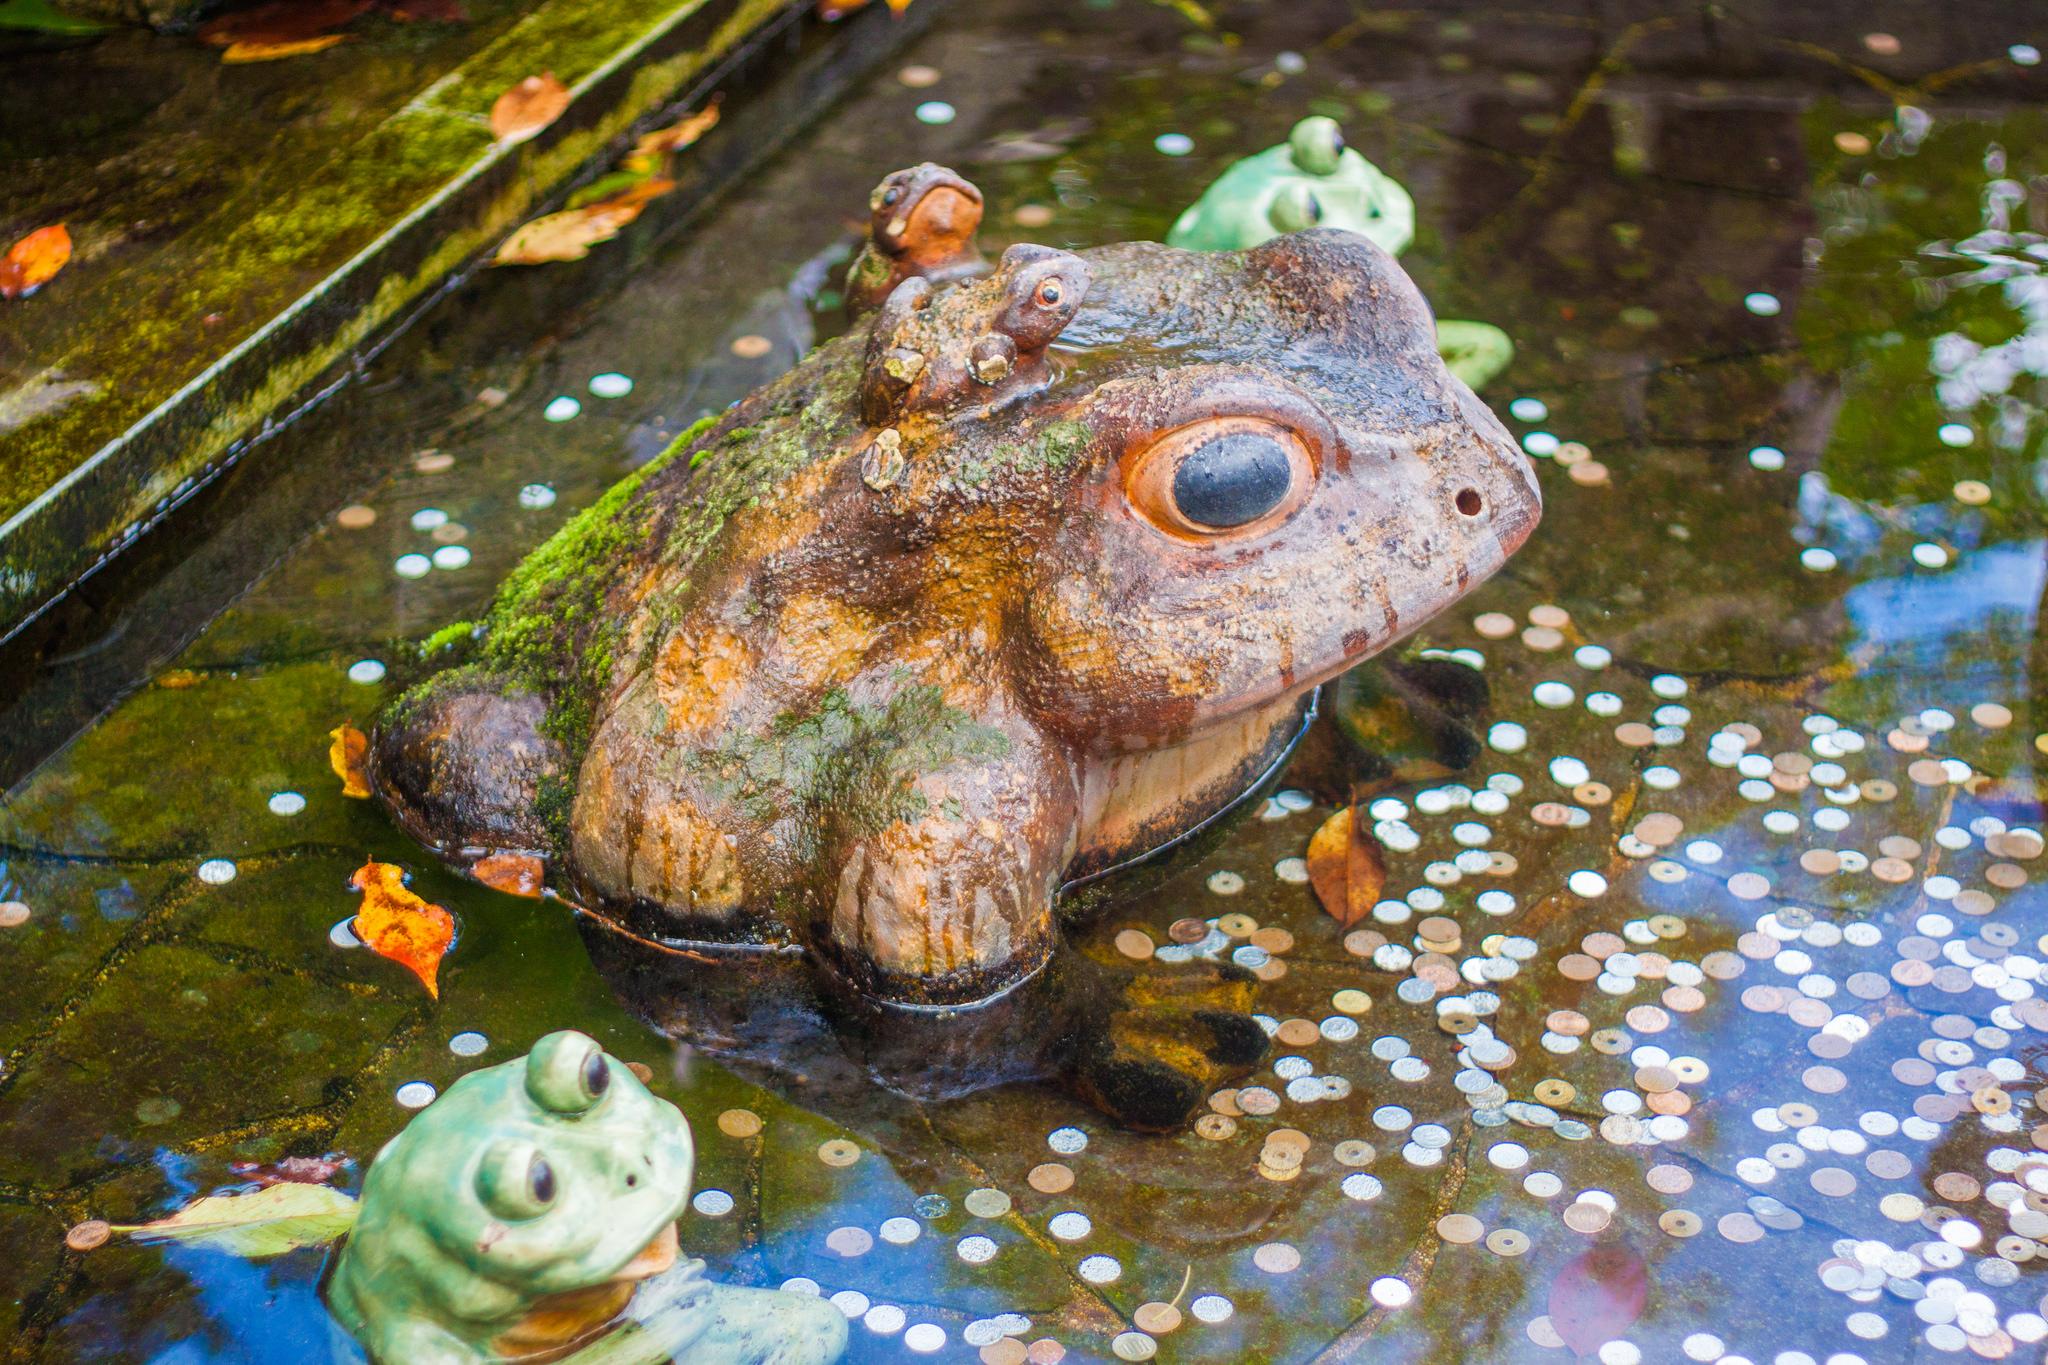 chōzubachiA Guide to Finding your Zen in the Peaceful and Serene Gardens of Tenryu-ji Temple Arashiyama